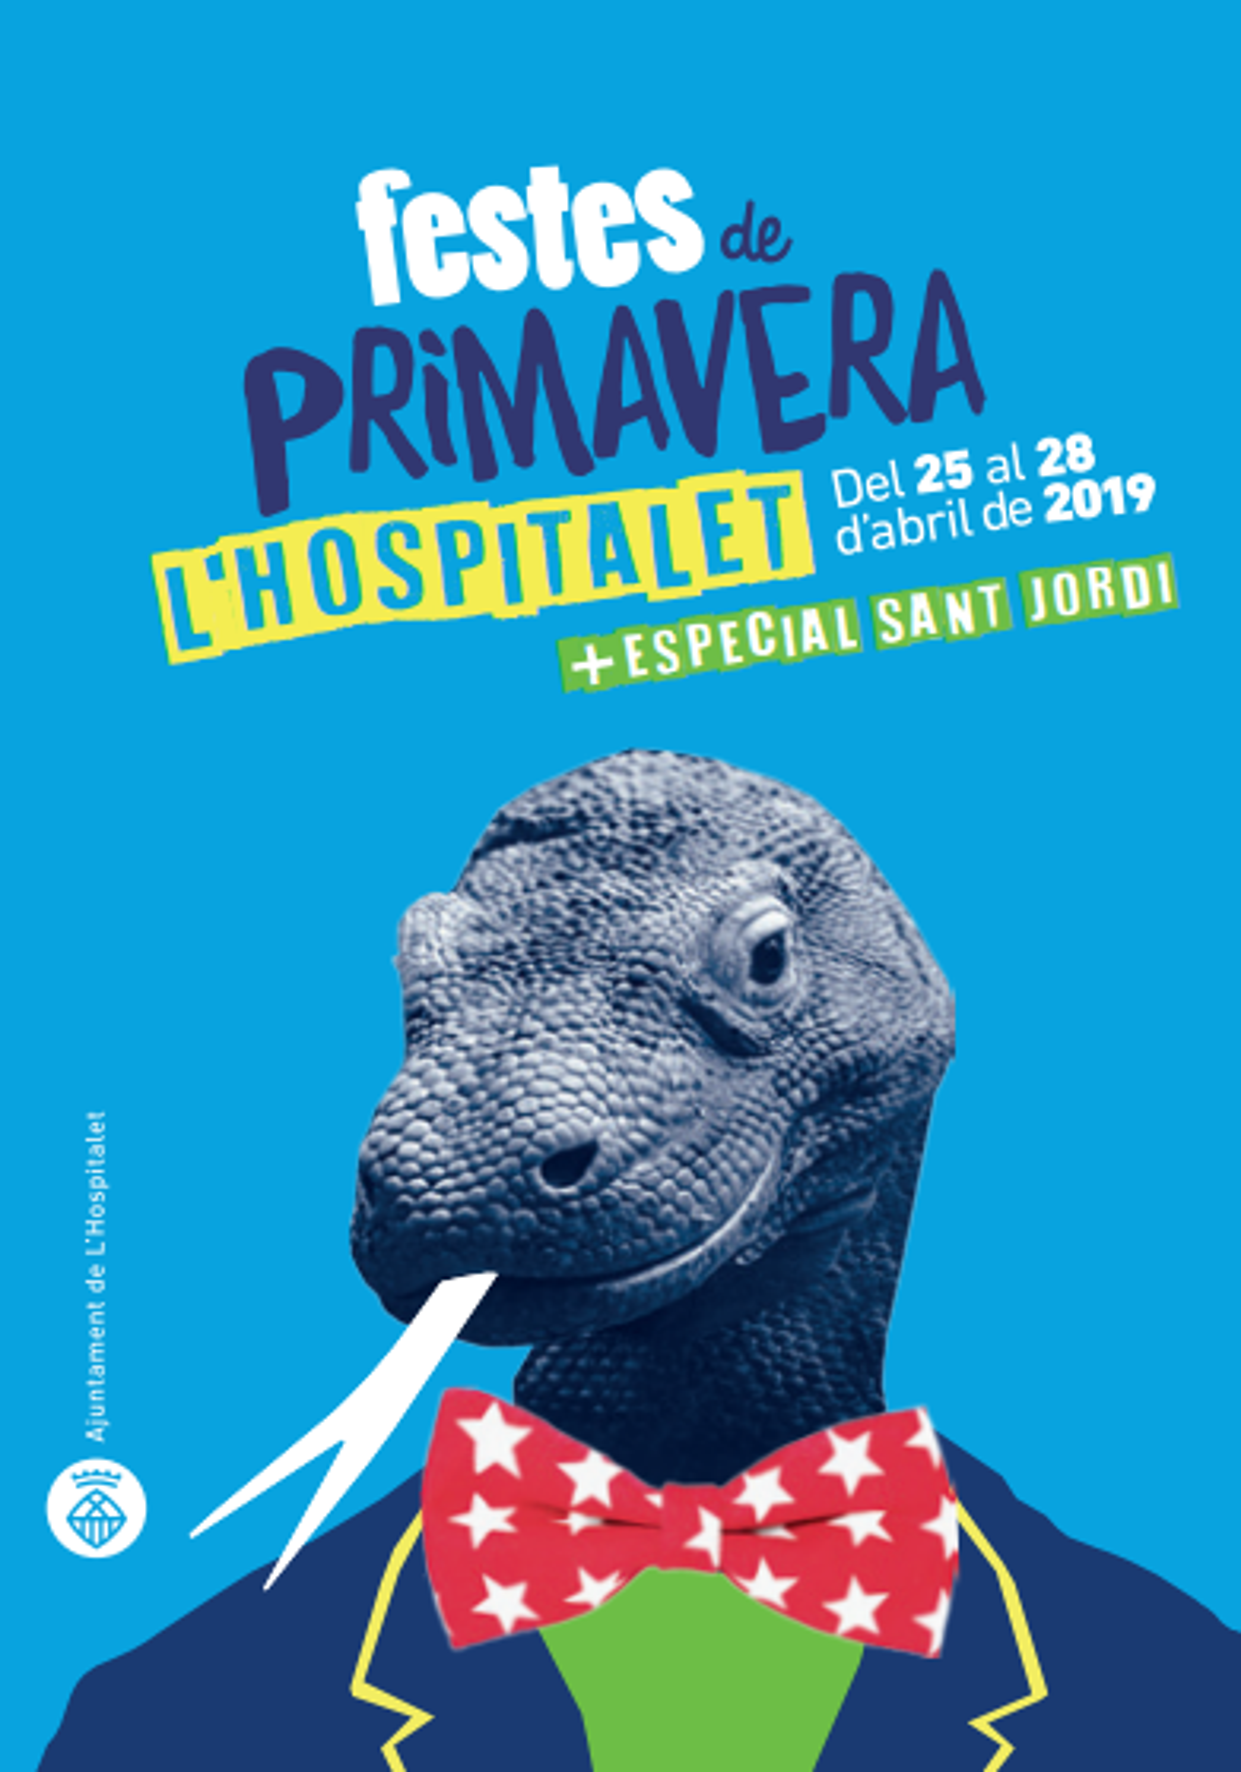 Festes de Primavera a L'Hospitalet de Llobregat